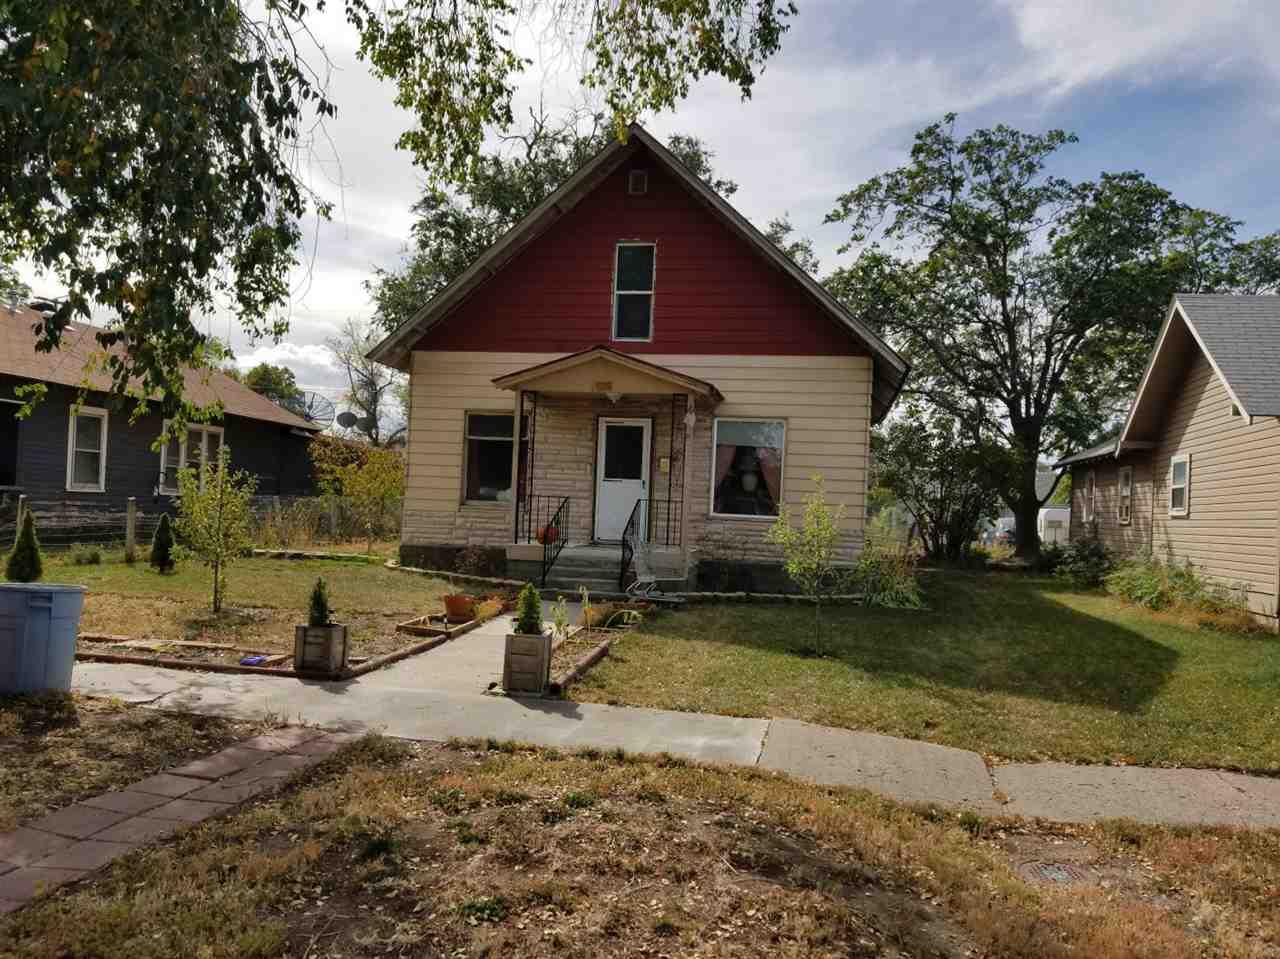 417 N 7th Ave, Buhl, ID 83316